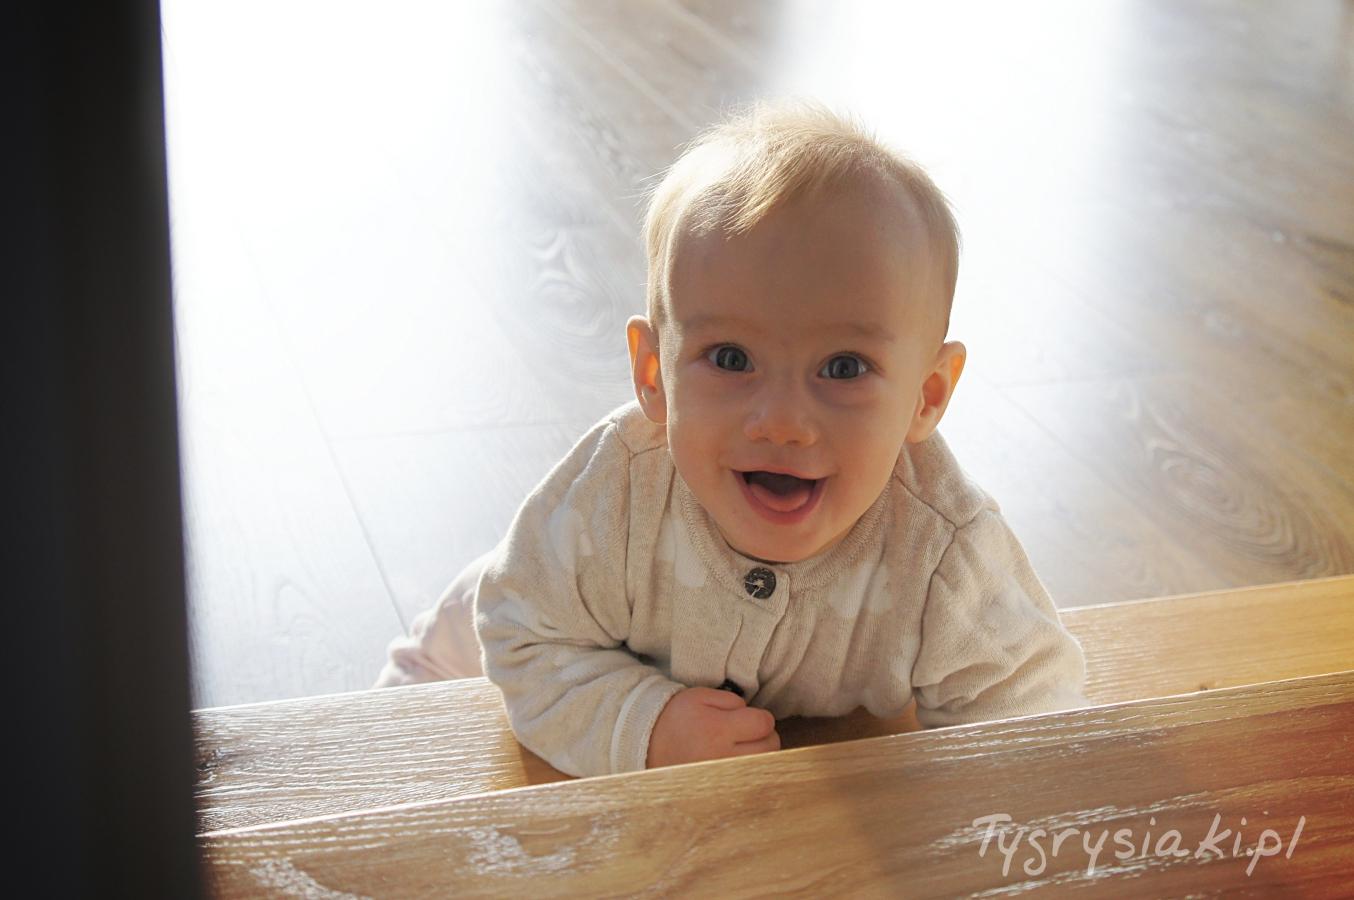 zabezpieczyc-schody-przed-dzieckiem